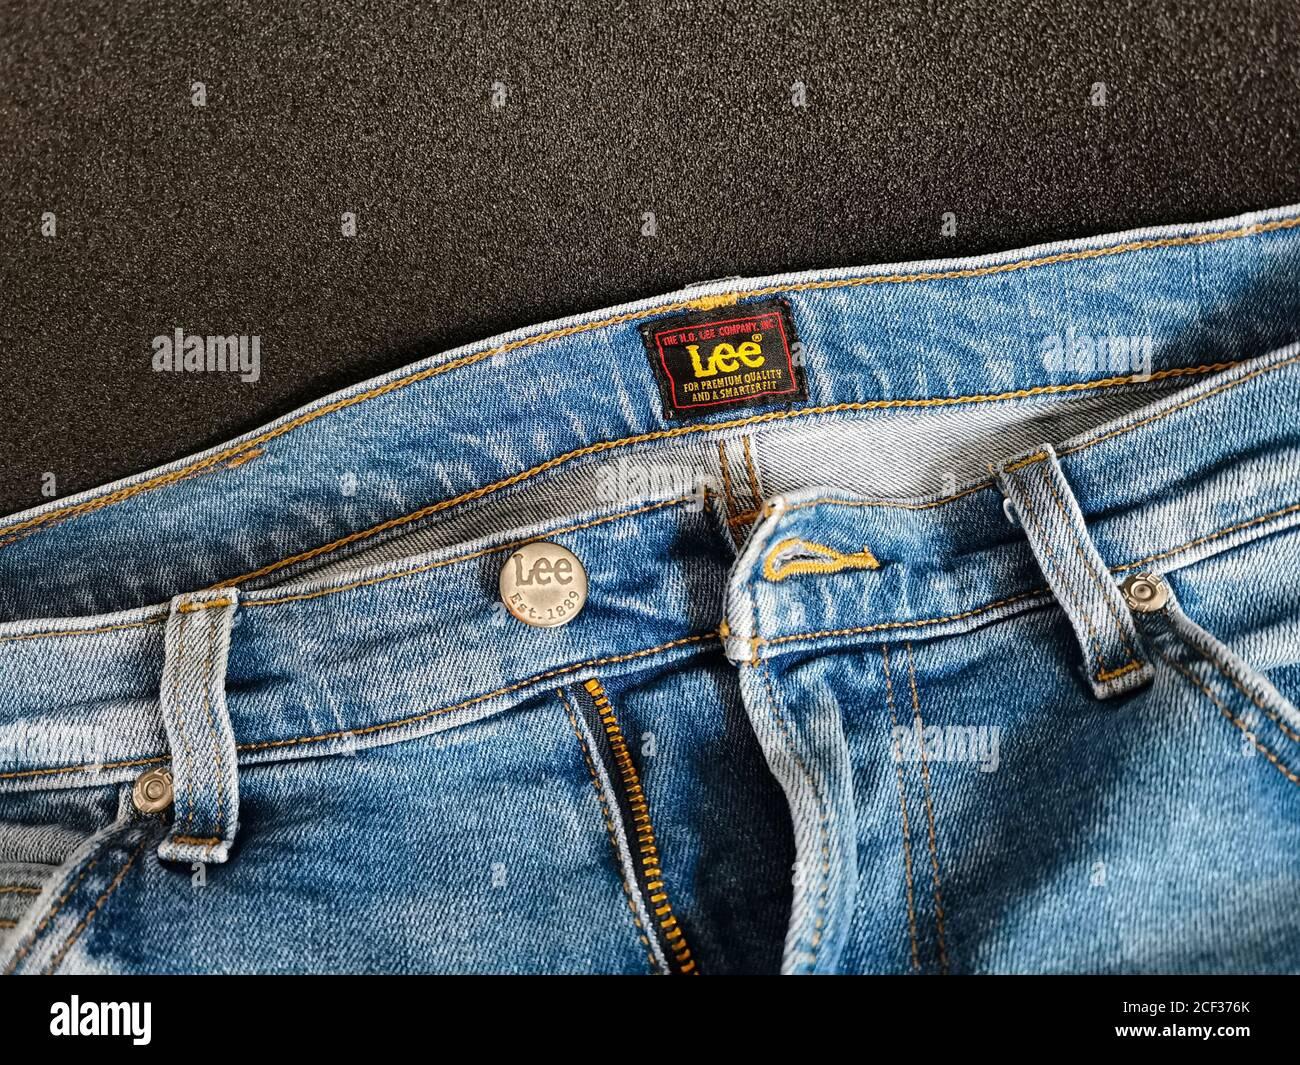 Pantalones Vaqueros De Marca Lee American Primer Plano Del Boton Lee En Un Pantalon De Mezclilla Azul Para Hombre Es Un Fabricante Estadounidense Fundado En 1889 Foto Tomada En Varsovia Fotografia De